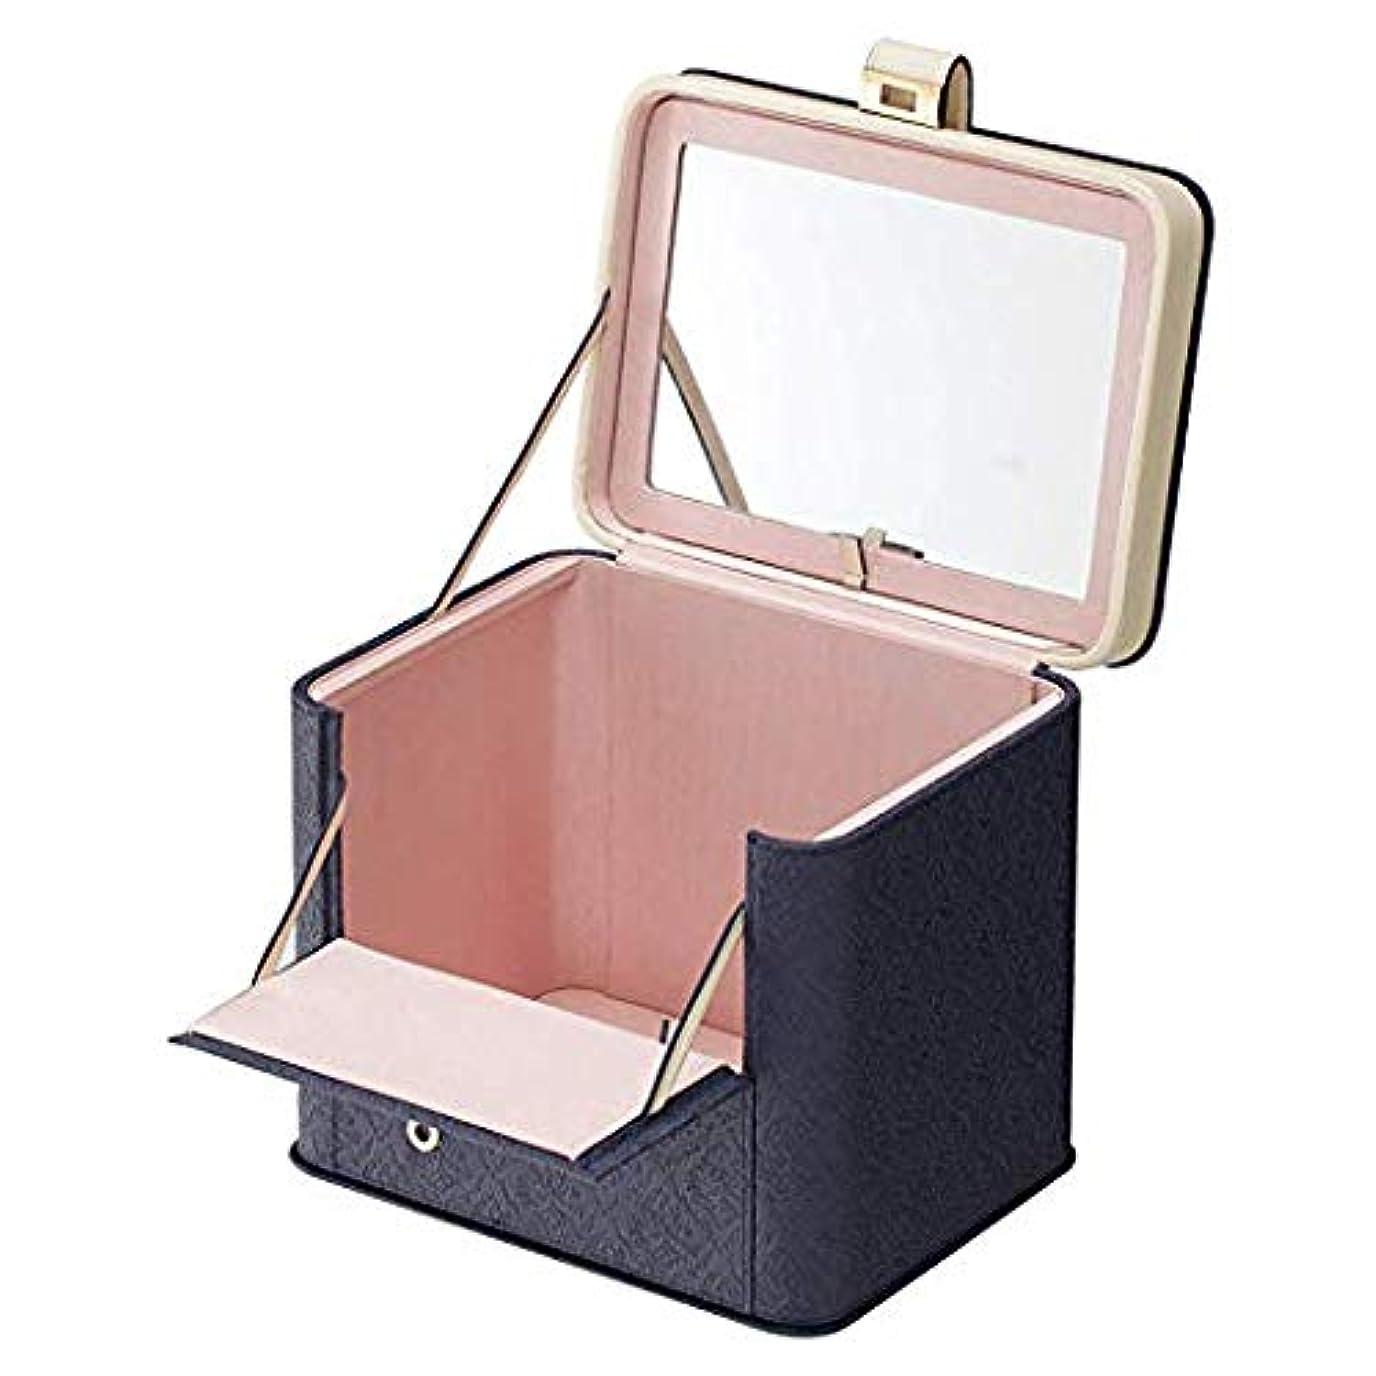 警告する町振幅鏡付き メイクボックス アラベスク 三面鏡 バニティ 大容量 コスメボックス おしゃれ 激安 木製 激安 かわいい メイクボックス ブランド 人気 (ロイヤルネイビー)